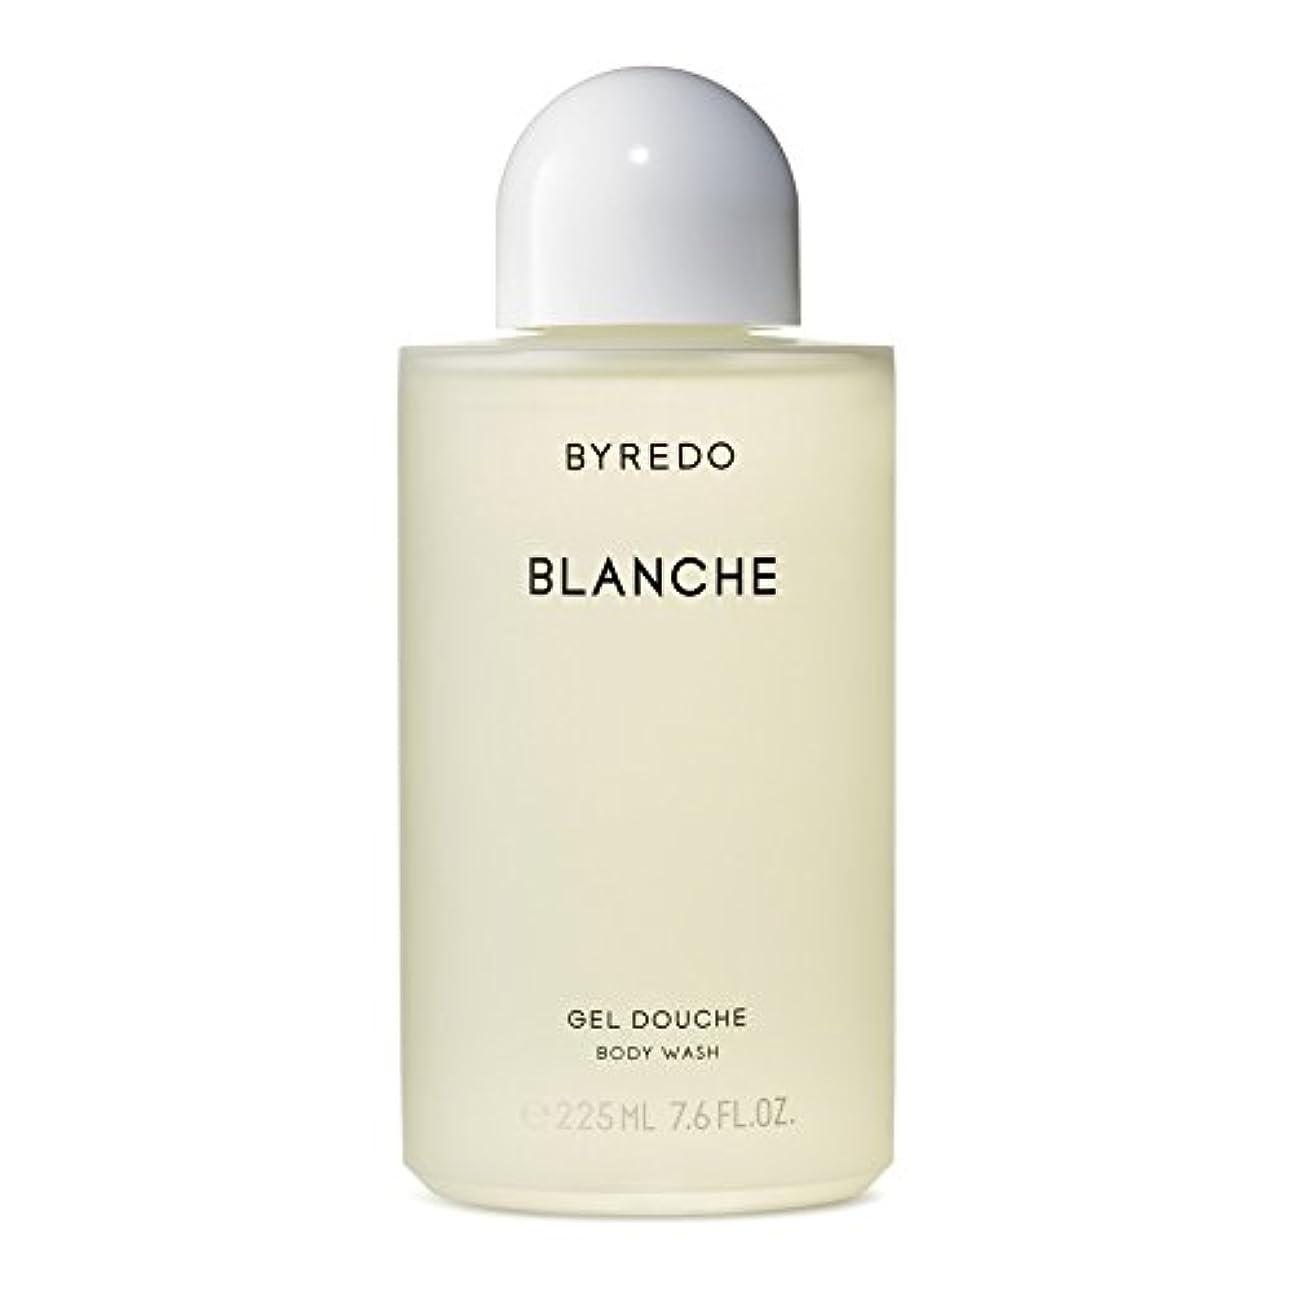 定義する武装解除雲Byredo Blanche Body Wash 225ml - ブランシュボディウォッシュ225ミリリットル [並行輸入品]